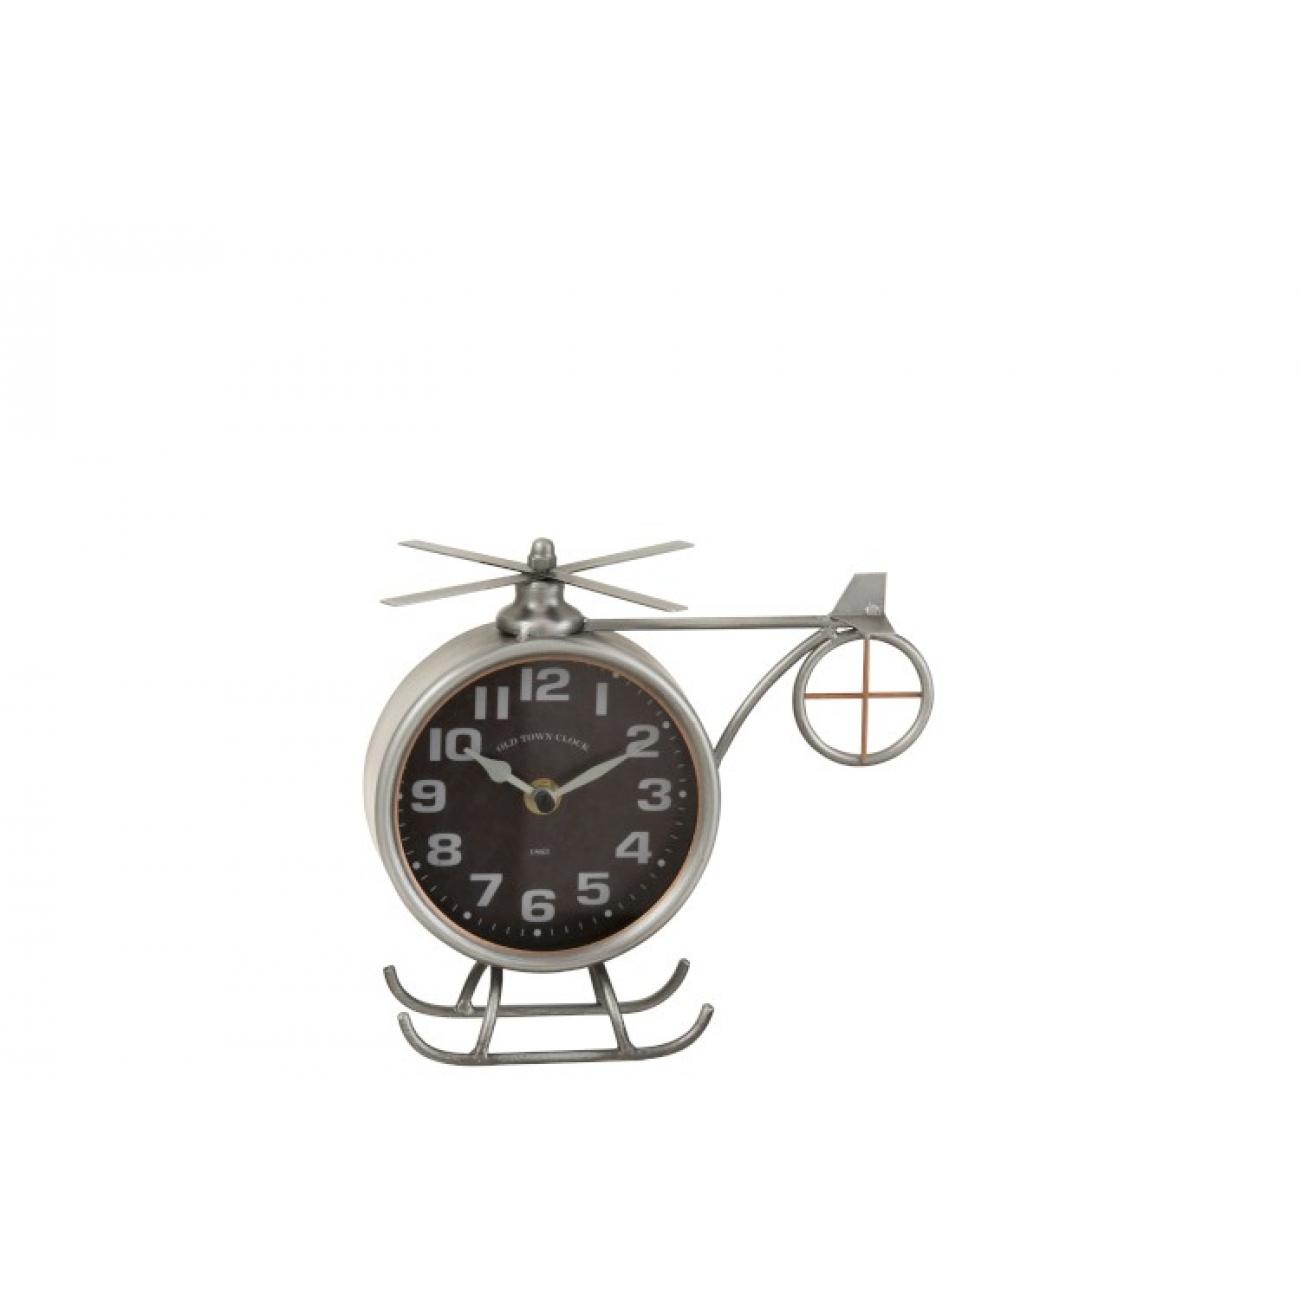 Настольные часы  в форме вертолета  J-LINE металлические серые